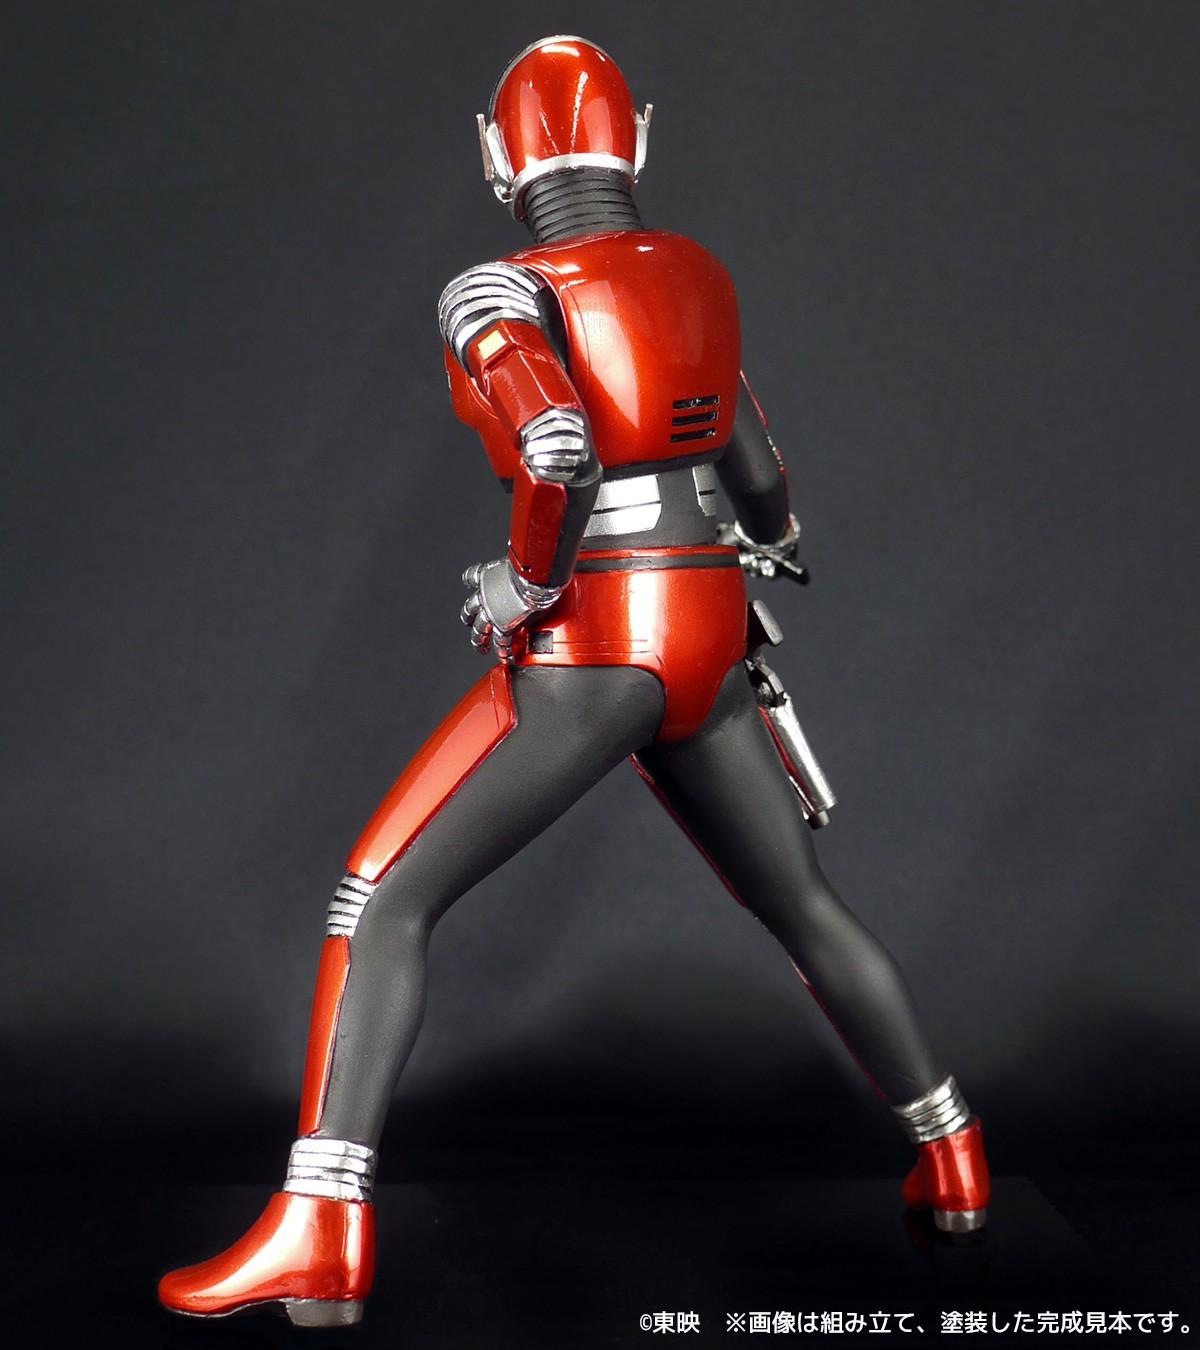 スーパーヒーローソフビキットコレクション 1 8スケール 宇宙刑事